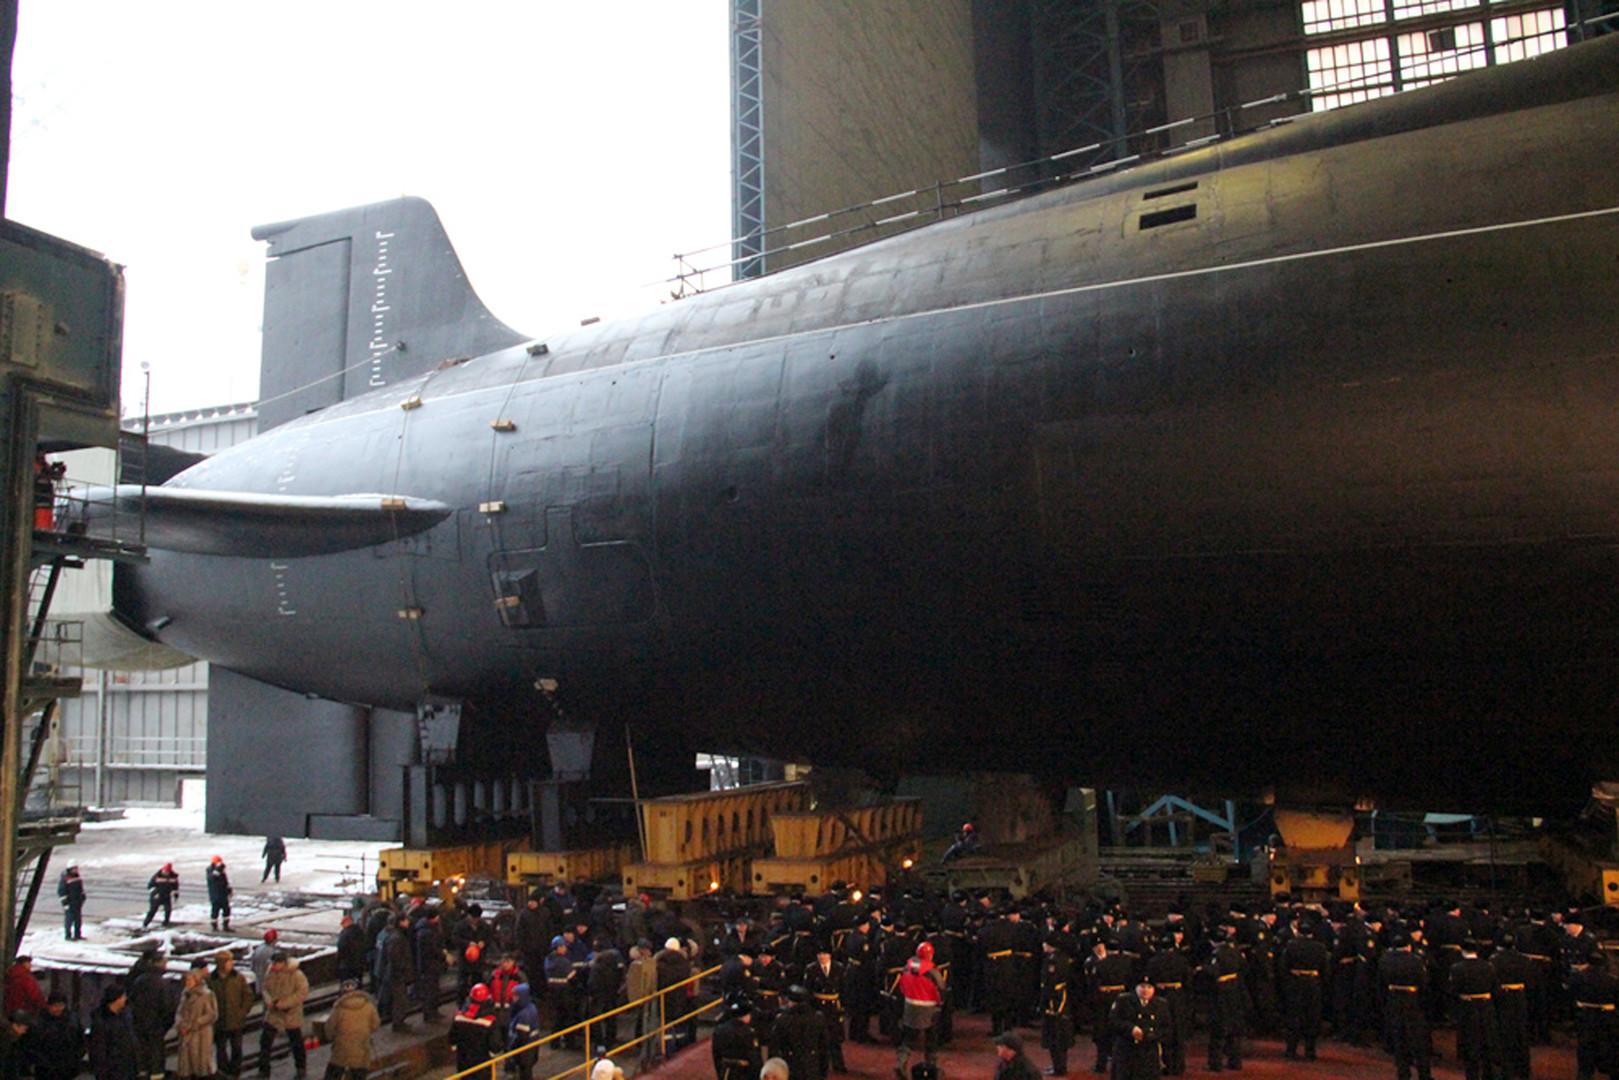 Атомная подводная лодка «Владимир Мономах» в 55-м цехе ФГУП ПО «Северное машиностроительное предприятие» перед спуском на воду в Северодвинске